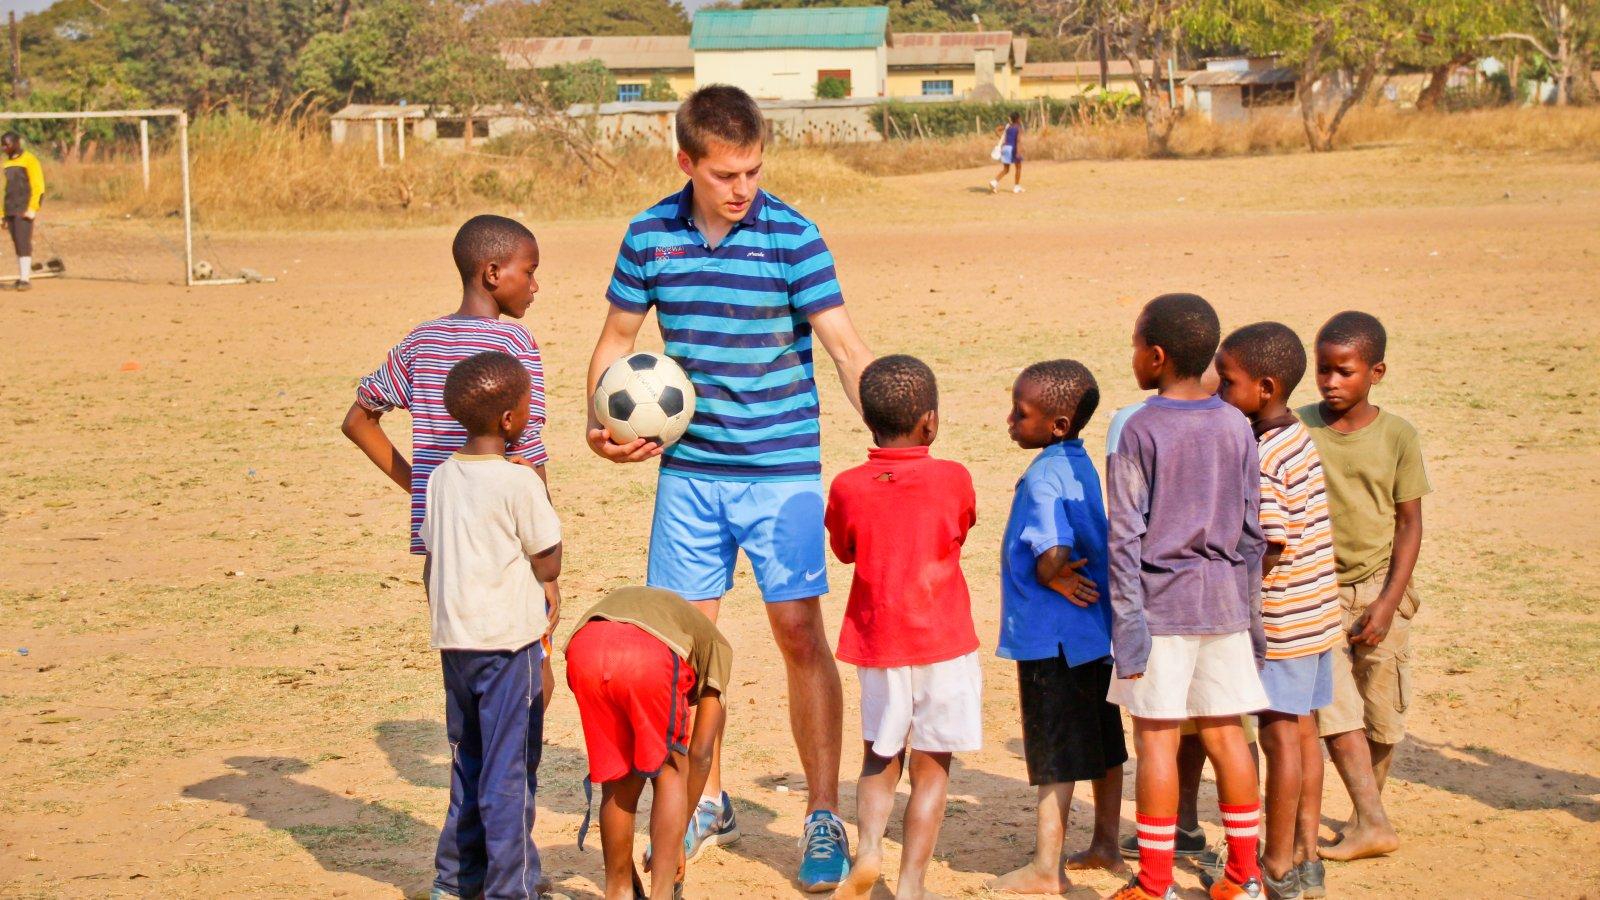 Internasjonale FN-dagen for idrett, utvikling og fred